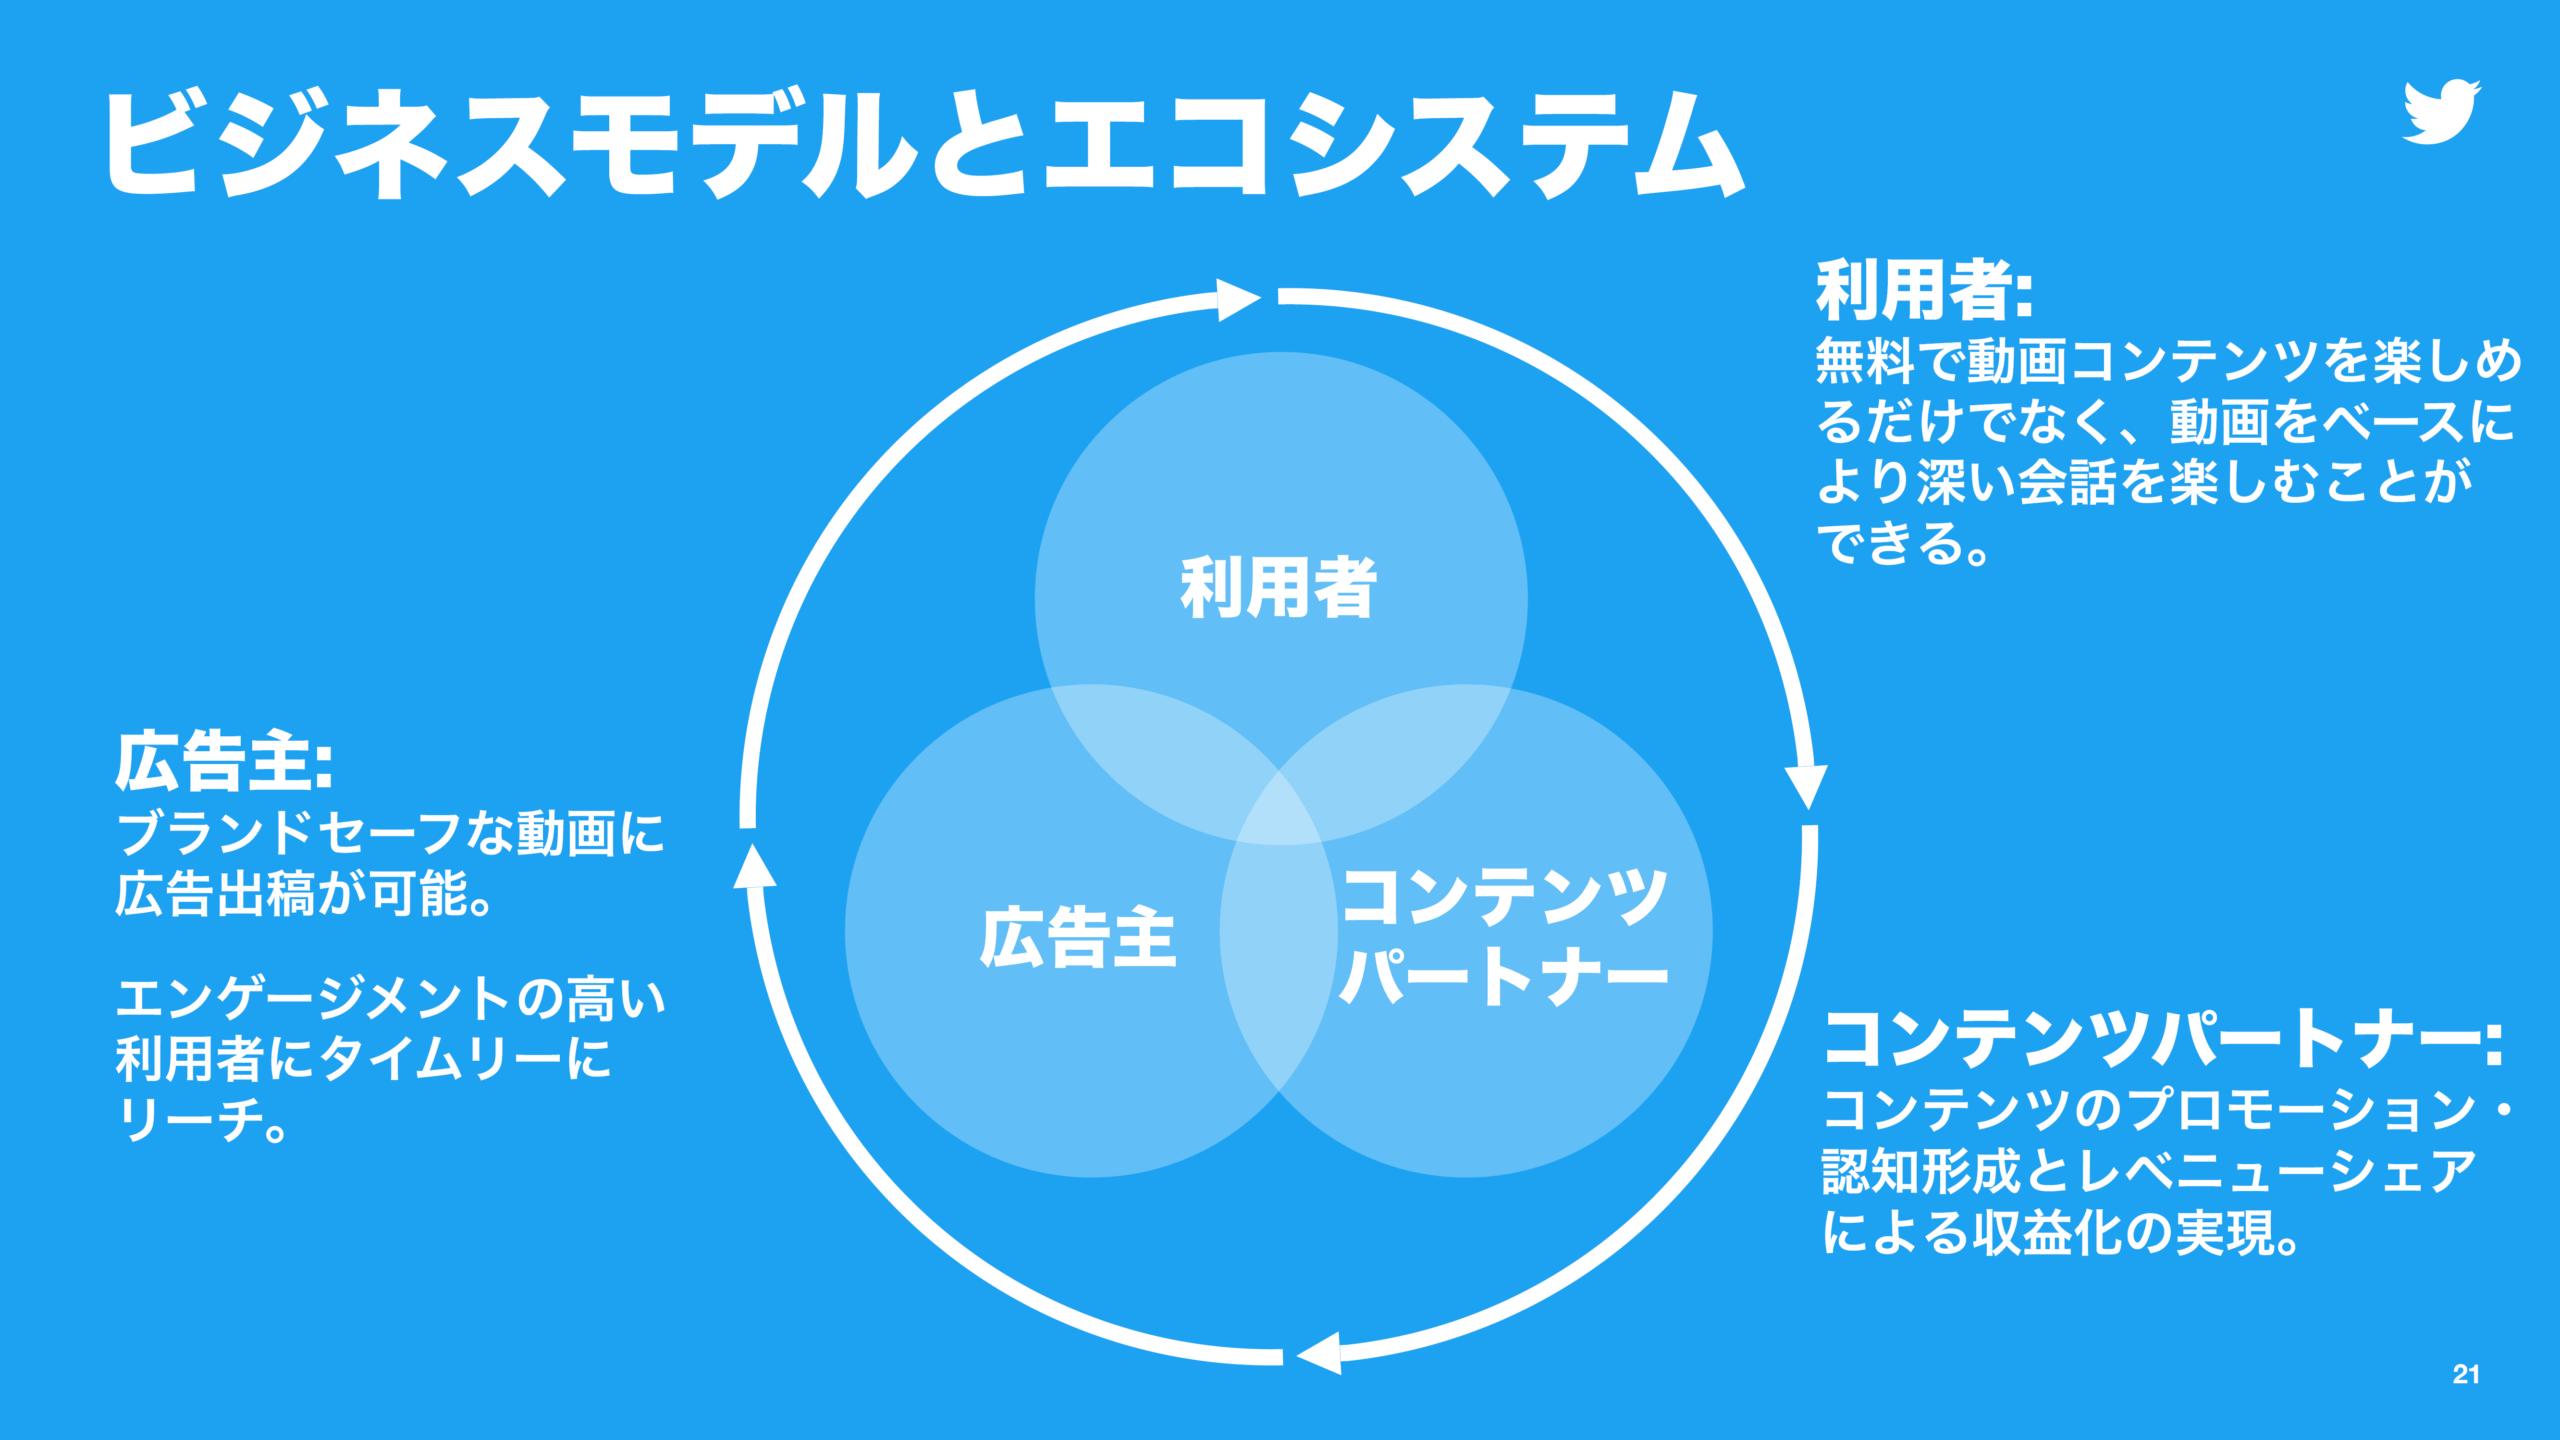 スライド画像2:「ビジネスモデルとエコシステム」